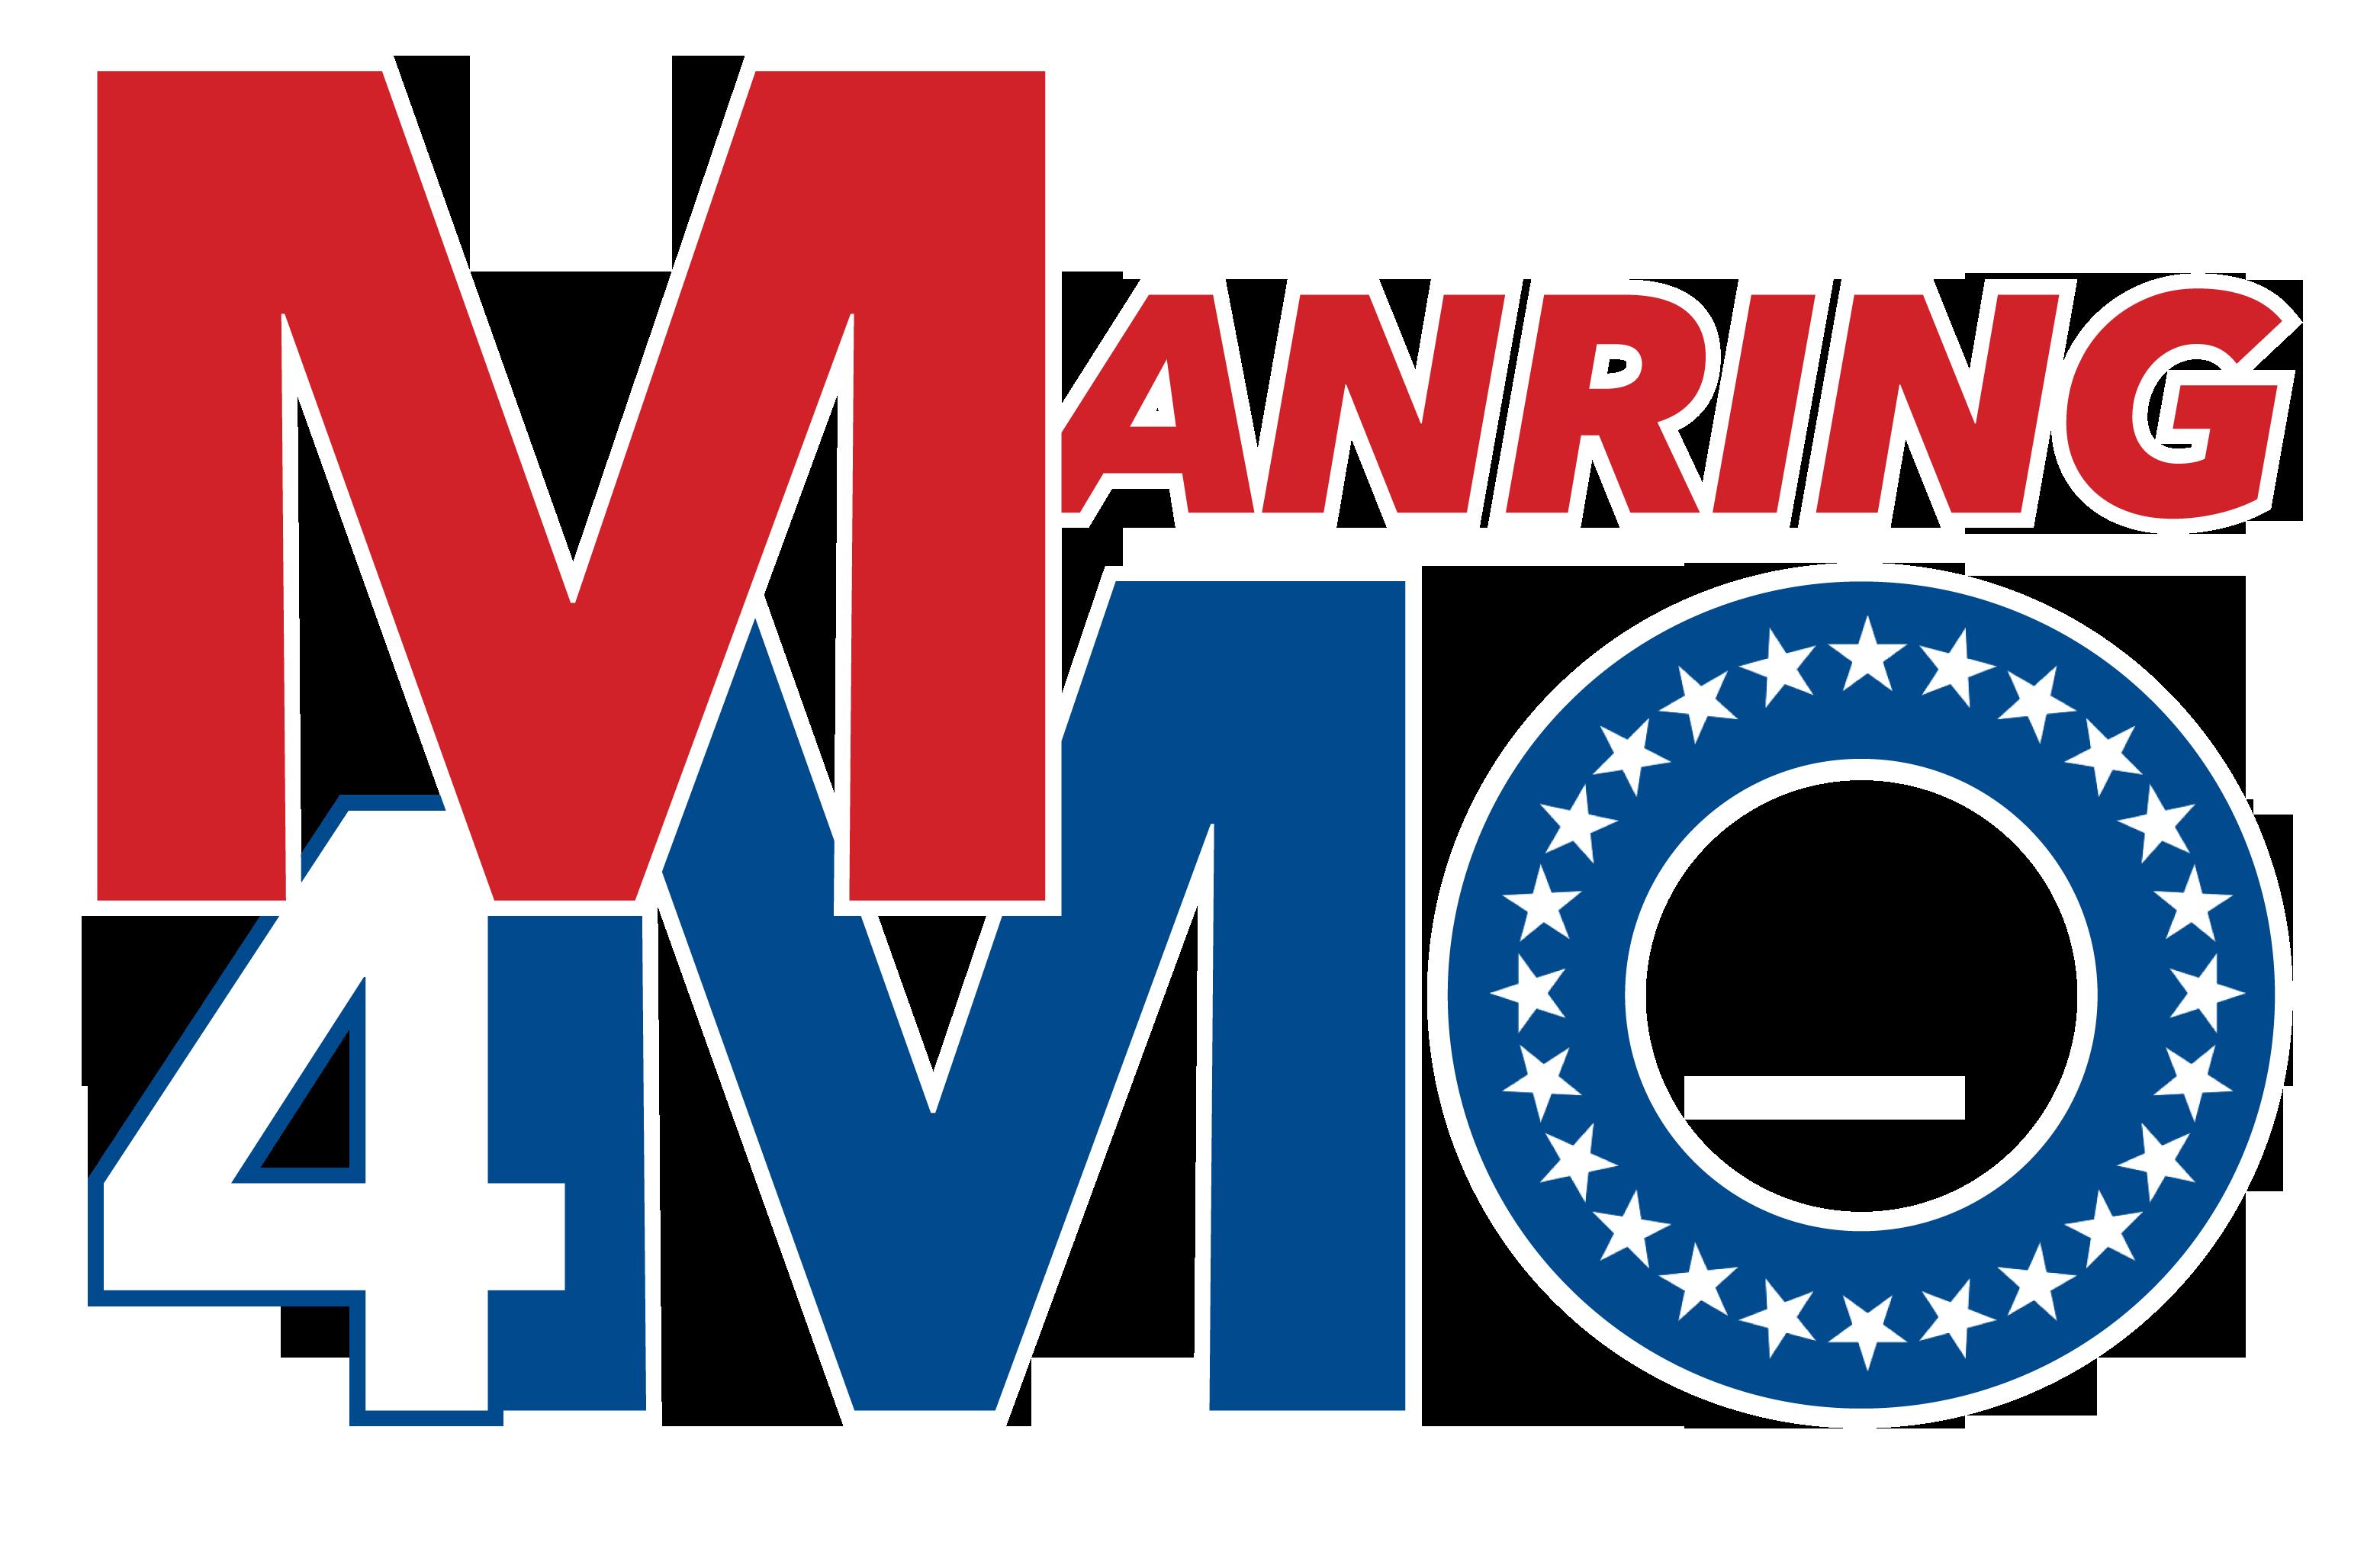 Marvin Manring Logo